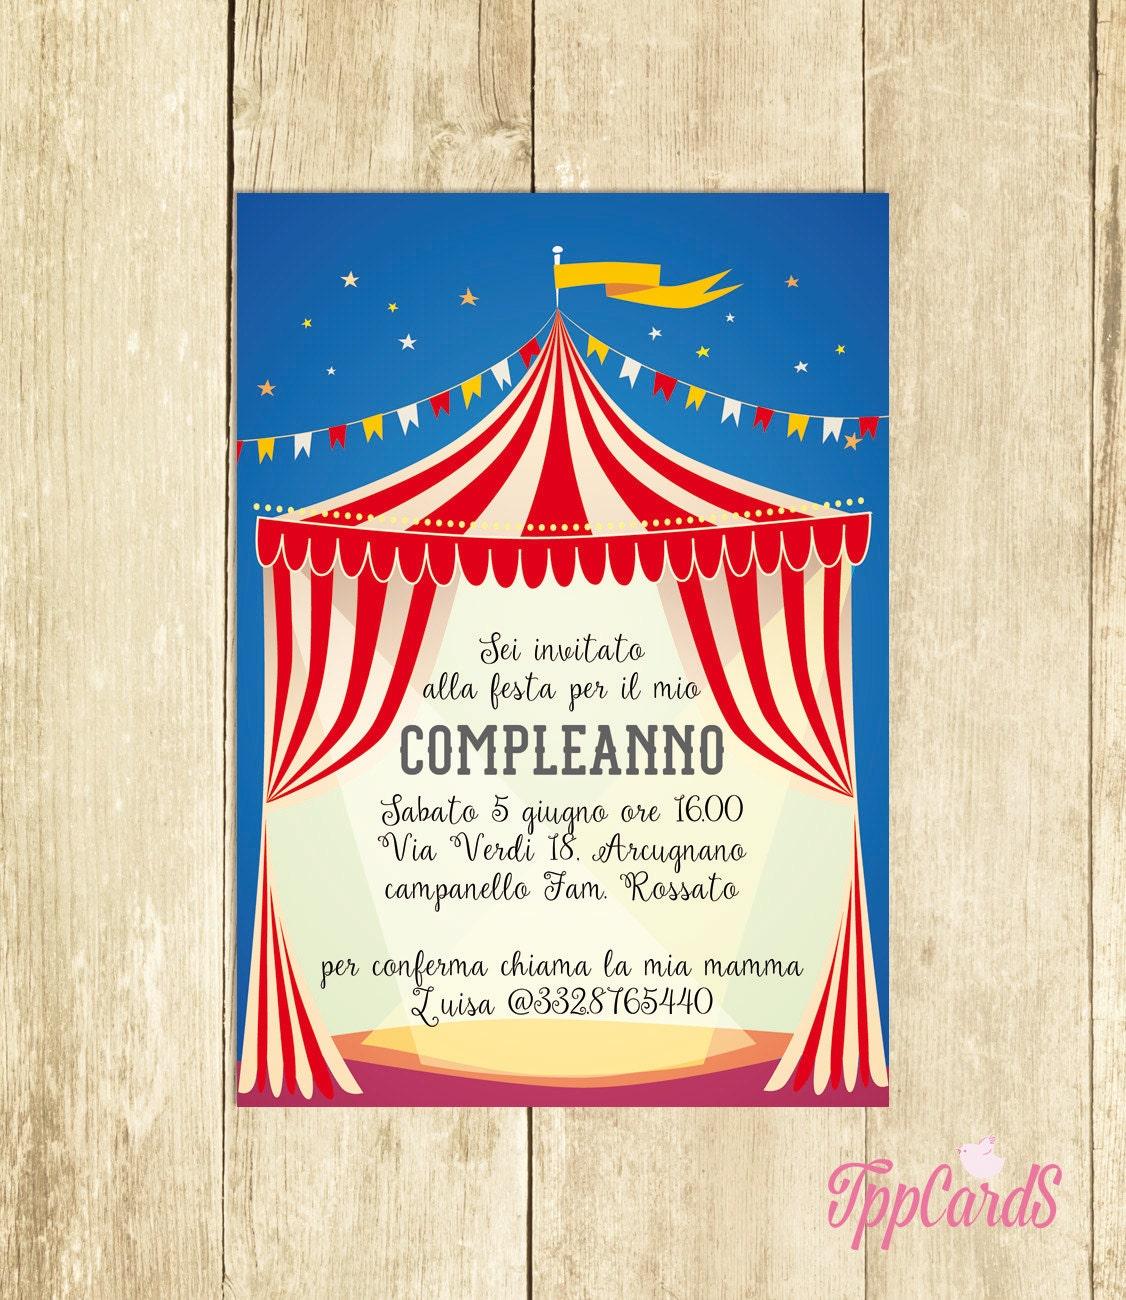 Amato Invito Compleanno Circo Rosso Invito Festa Compleanno Invito XD06